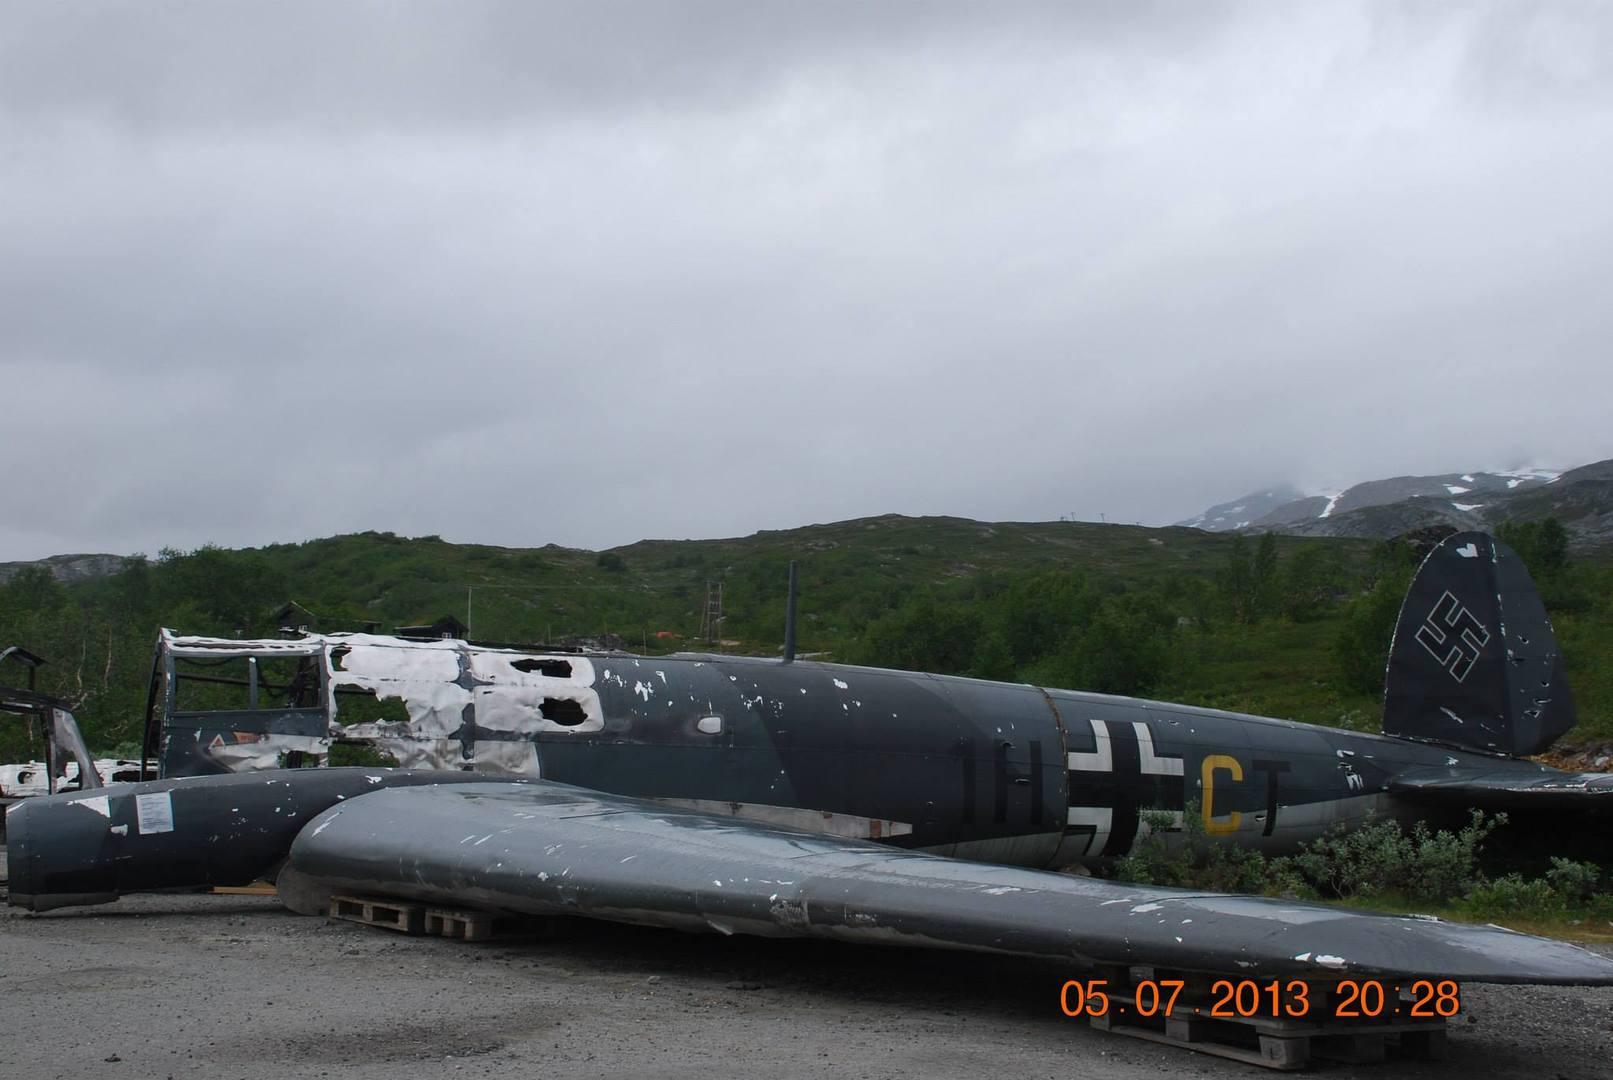 המטוס הגרמני הובא ממקום נפילתו בשלג אל ליד המסעדה